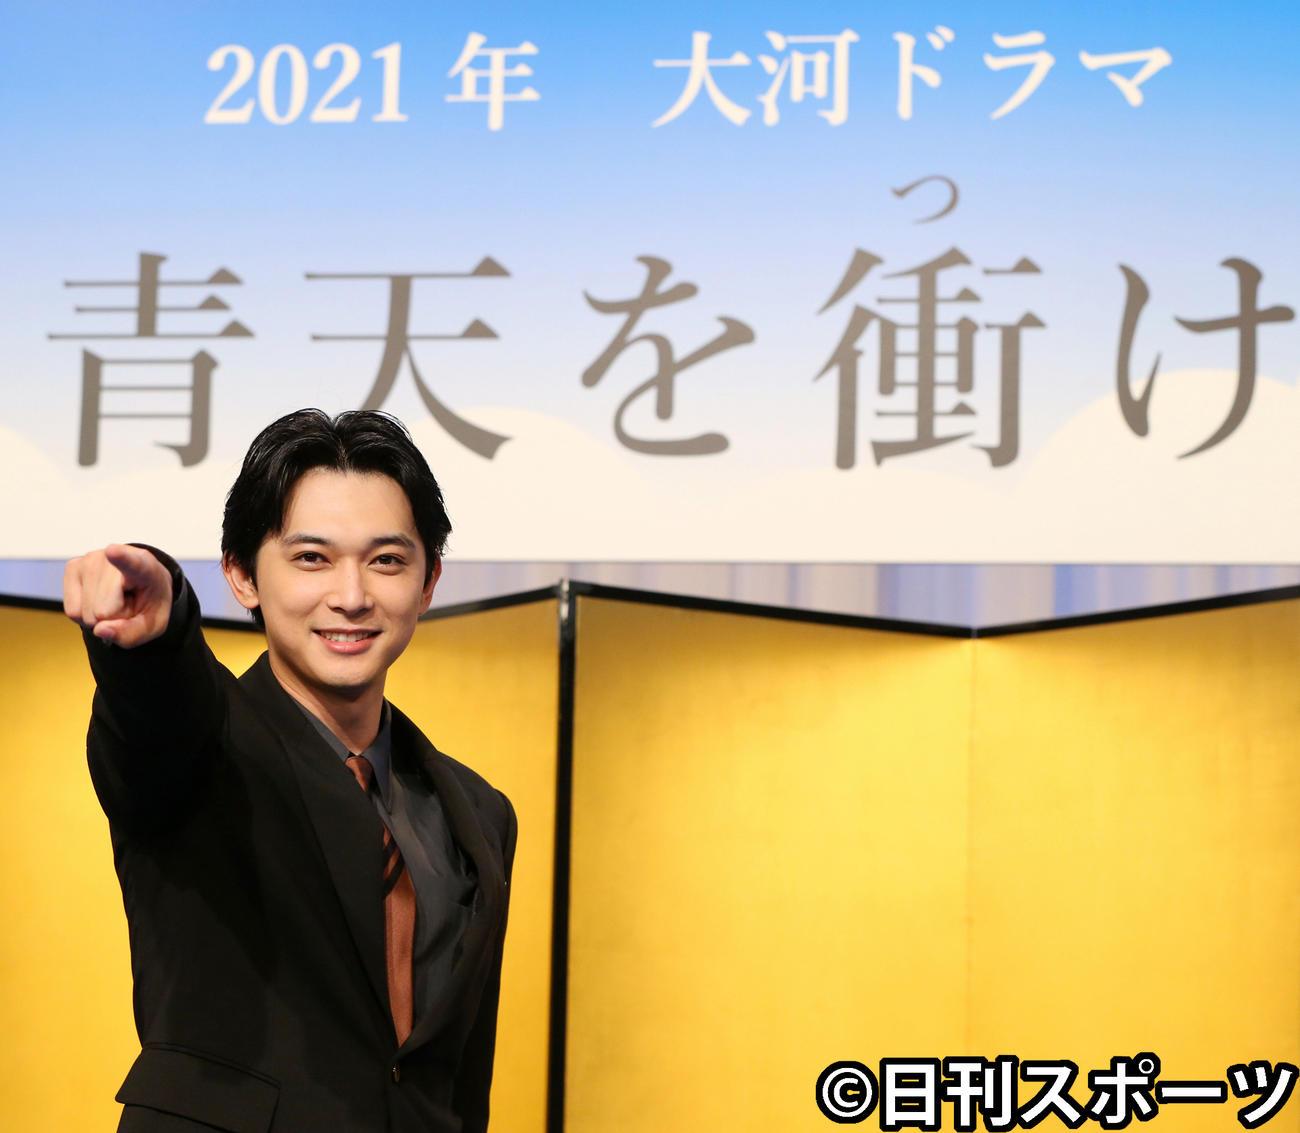 ドラマ 2021 大河